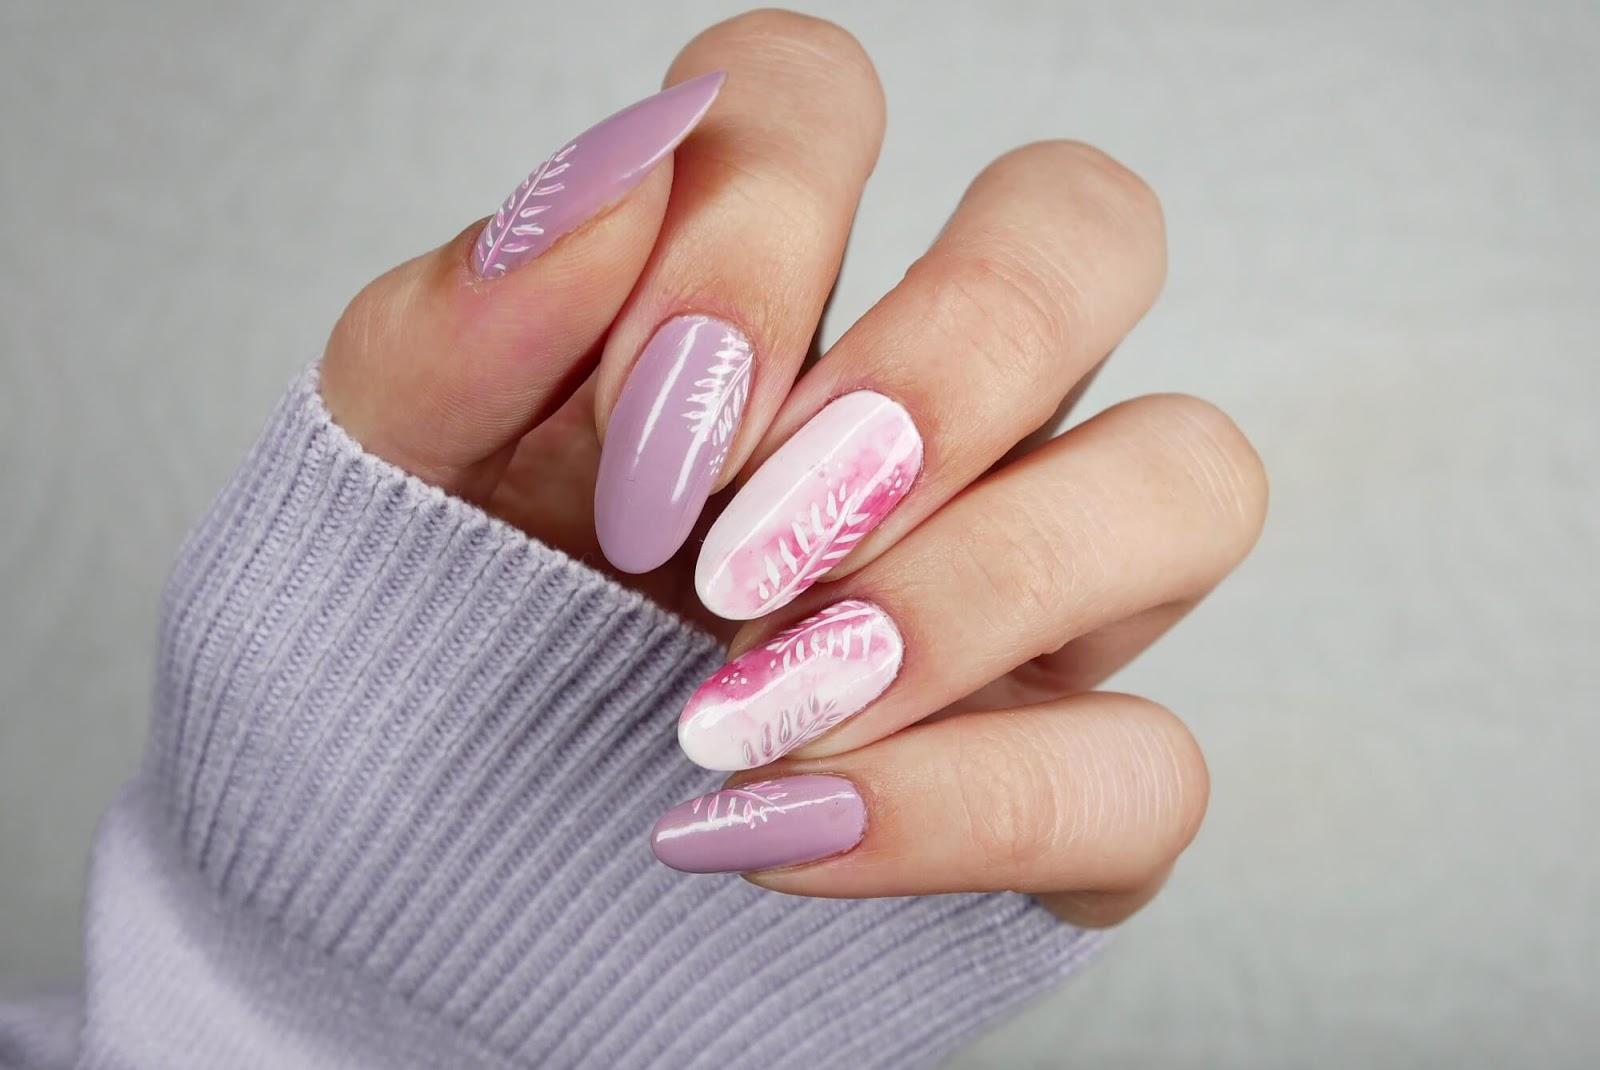 Blur effect na paznokciach - różowa chmurka koloru